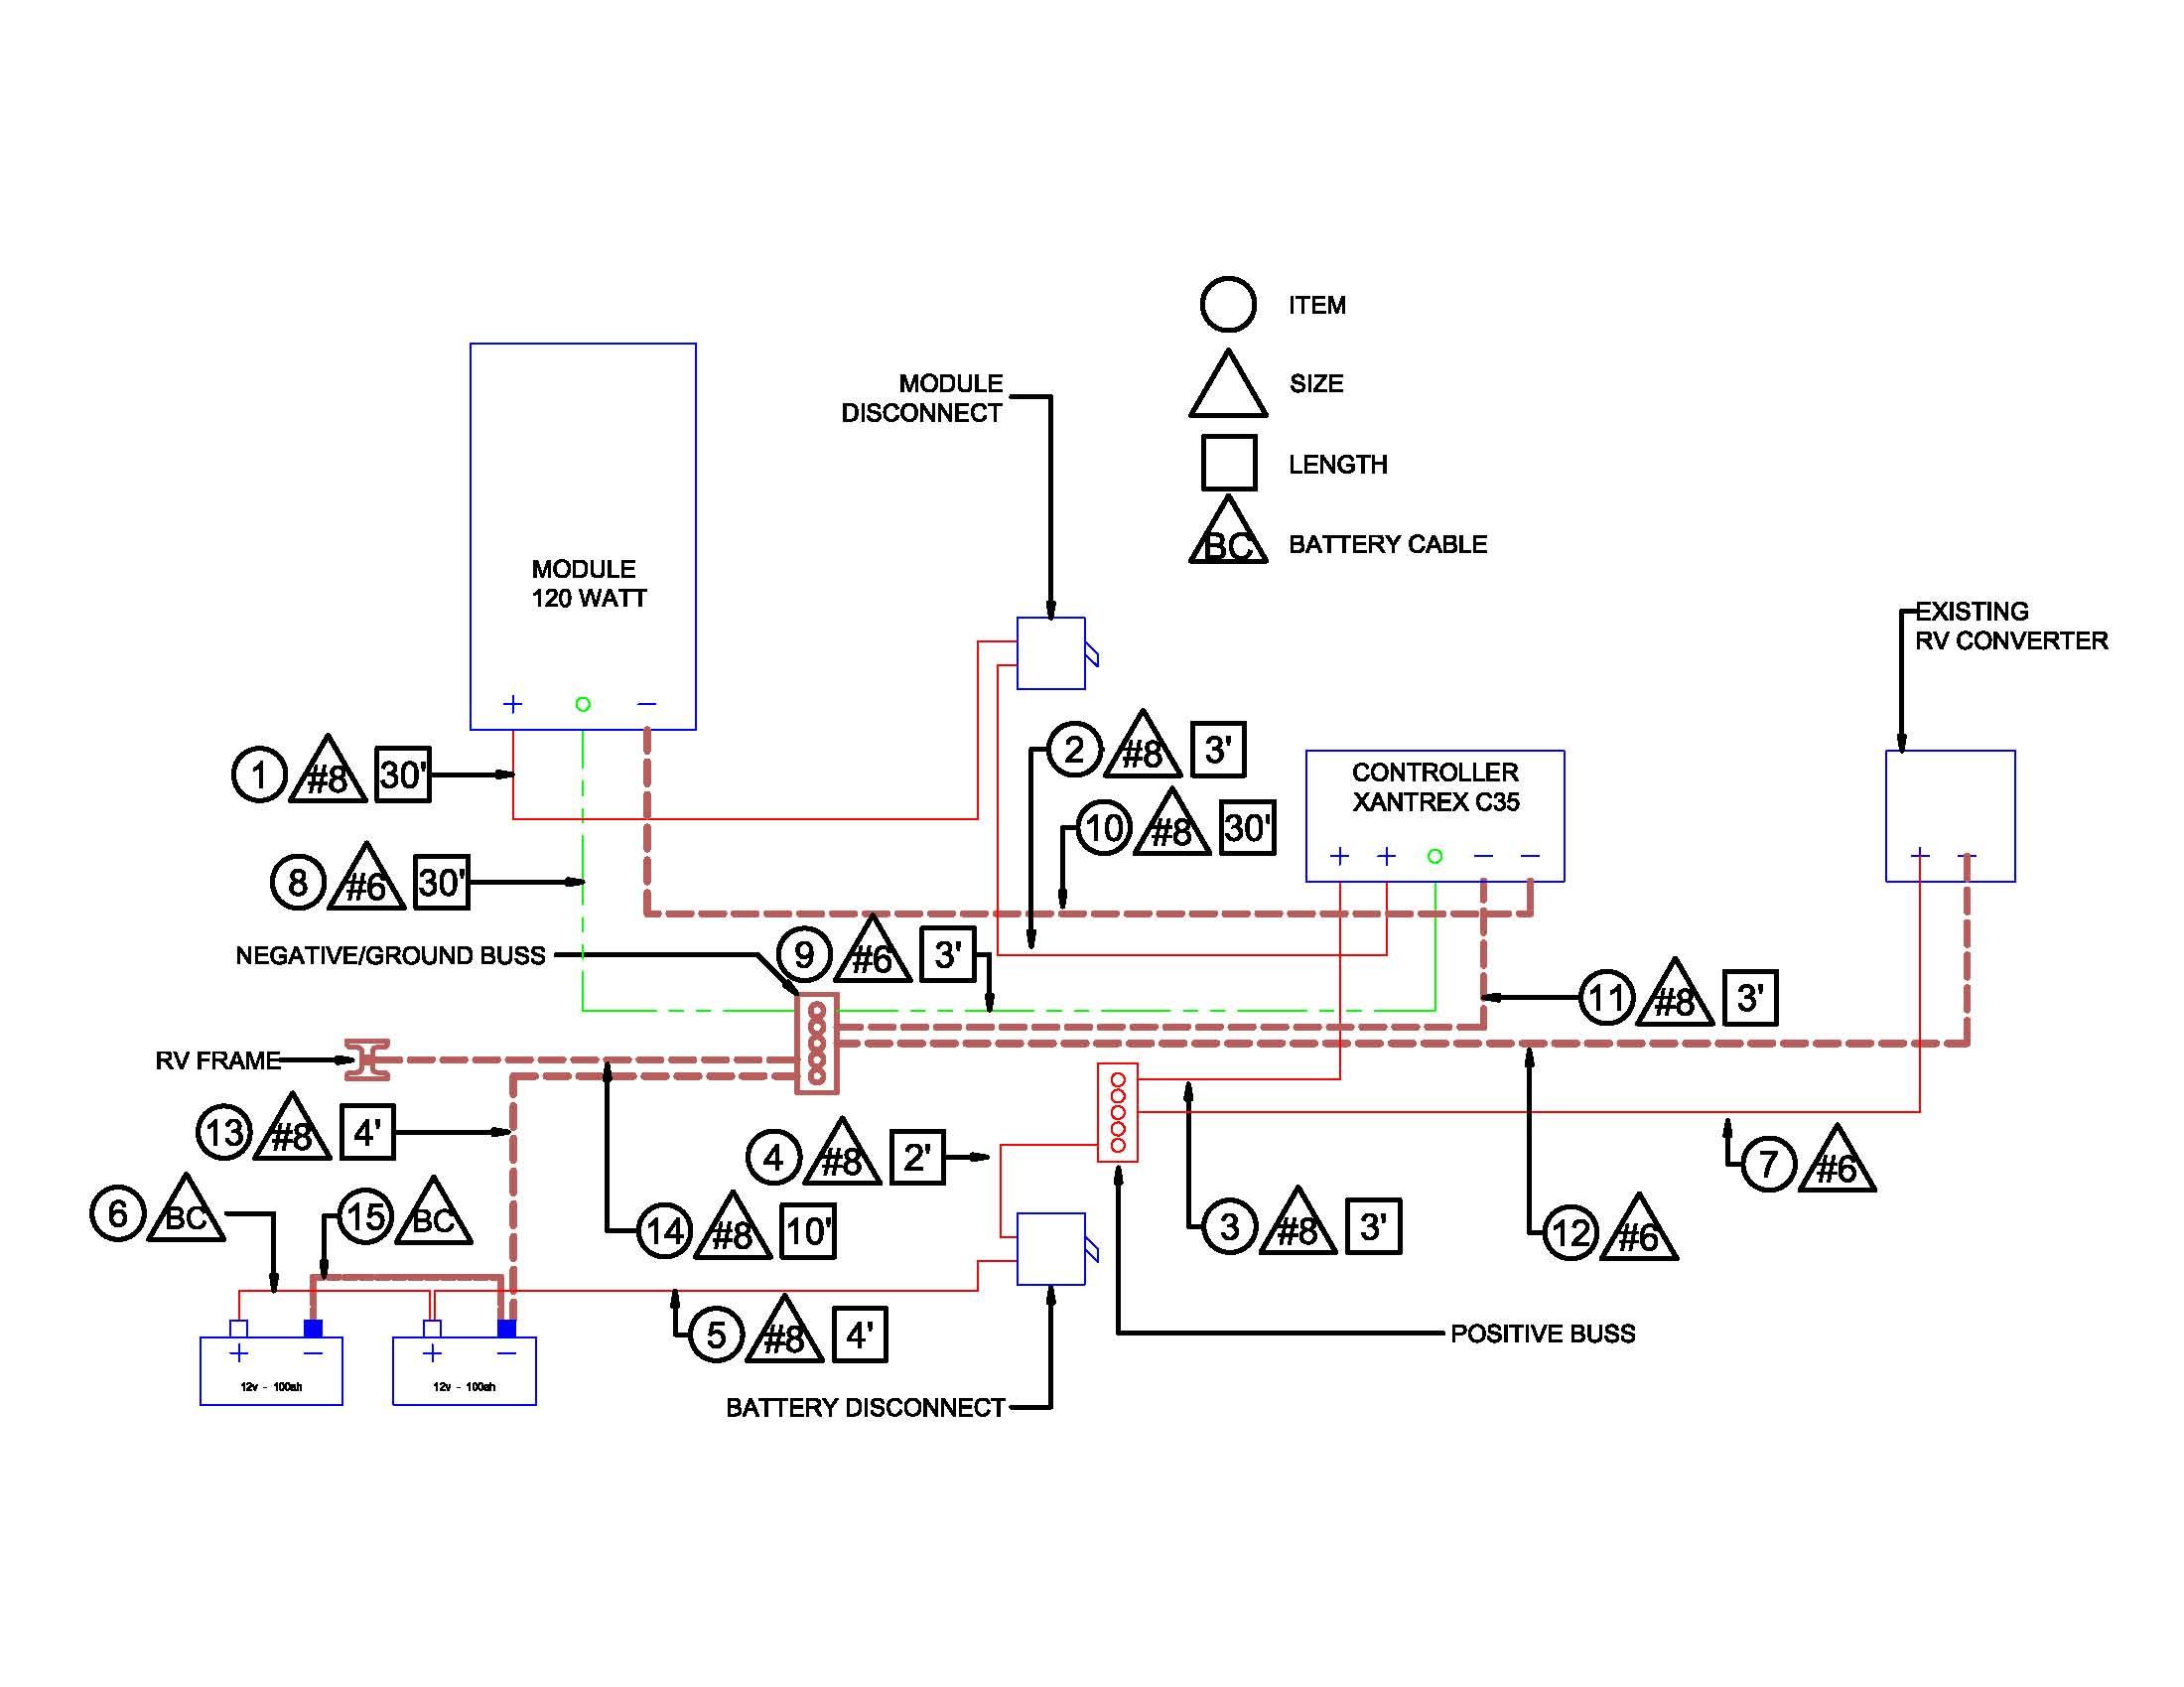 Wfco Rv Converter Wiring Diagram - Wiring Diagram And Schematics